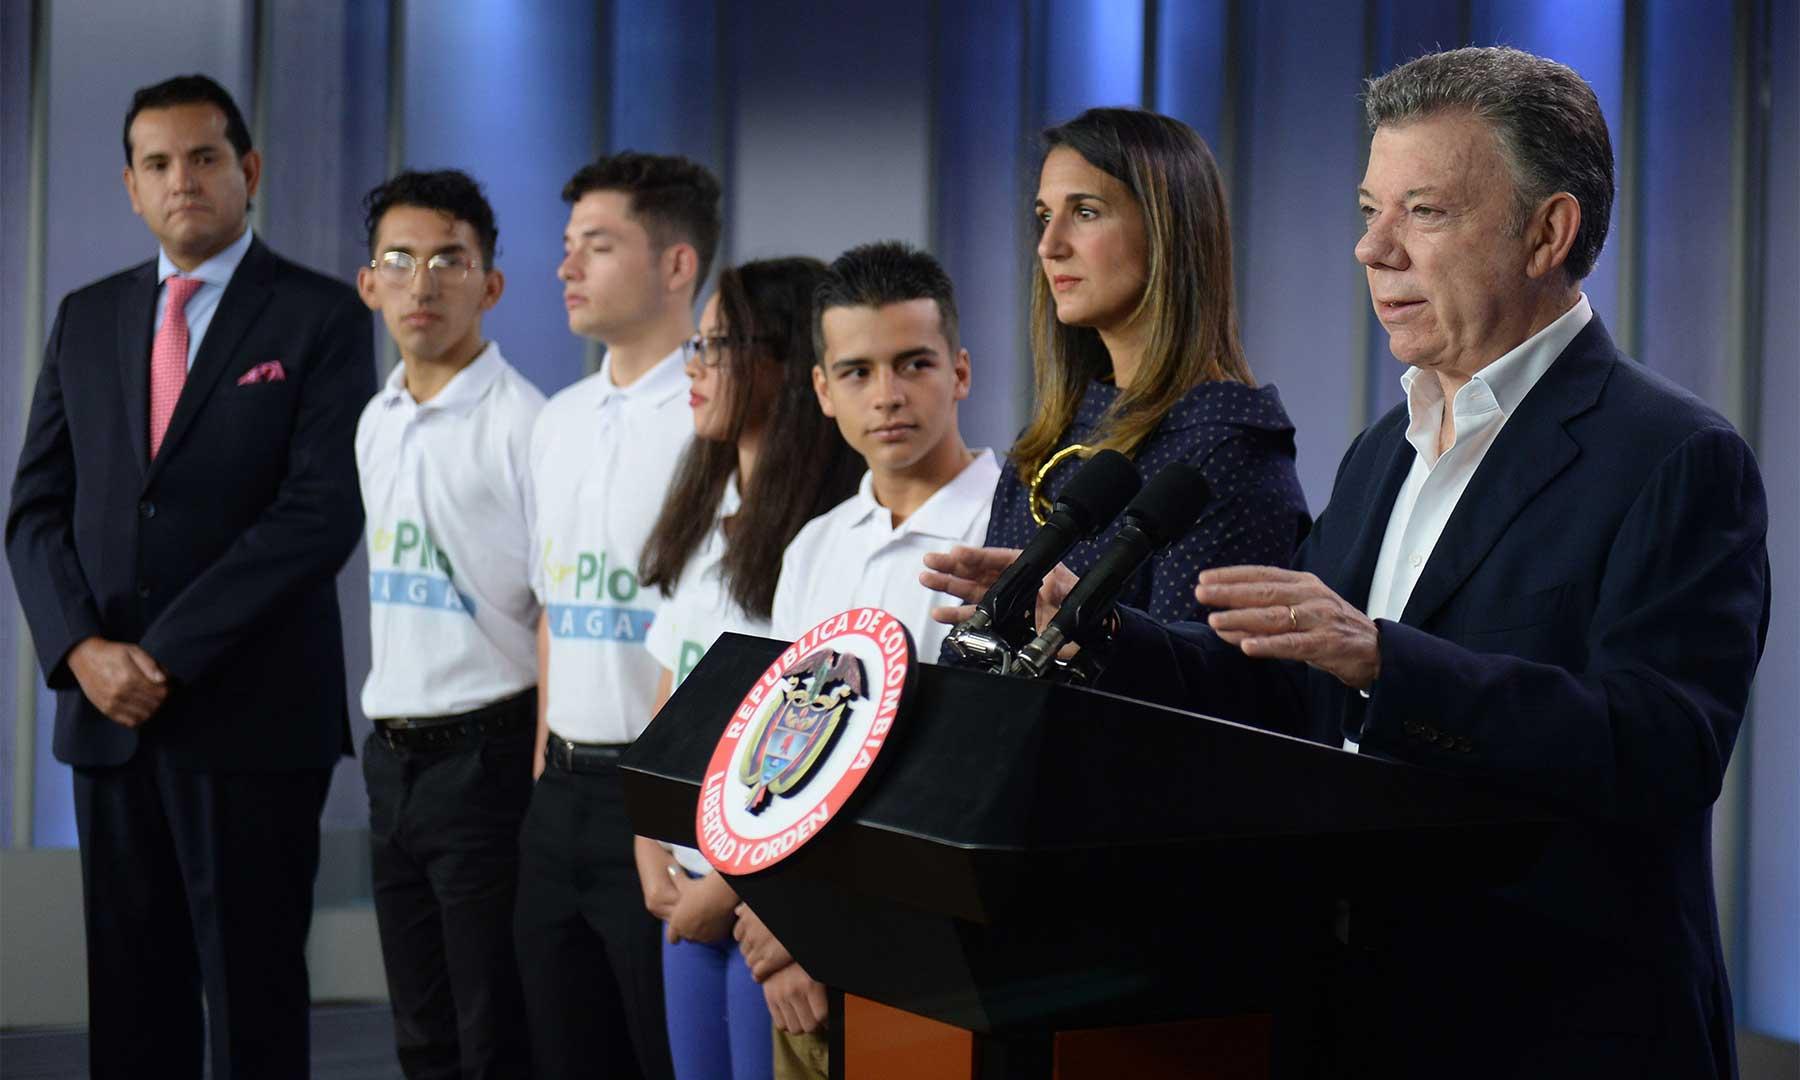 Presentan cuarta convocatoria del programa 'Ser pilo paga — Ojo bachilleres